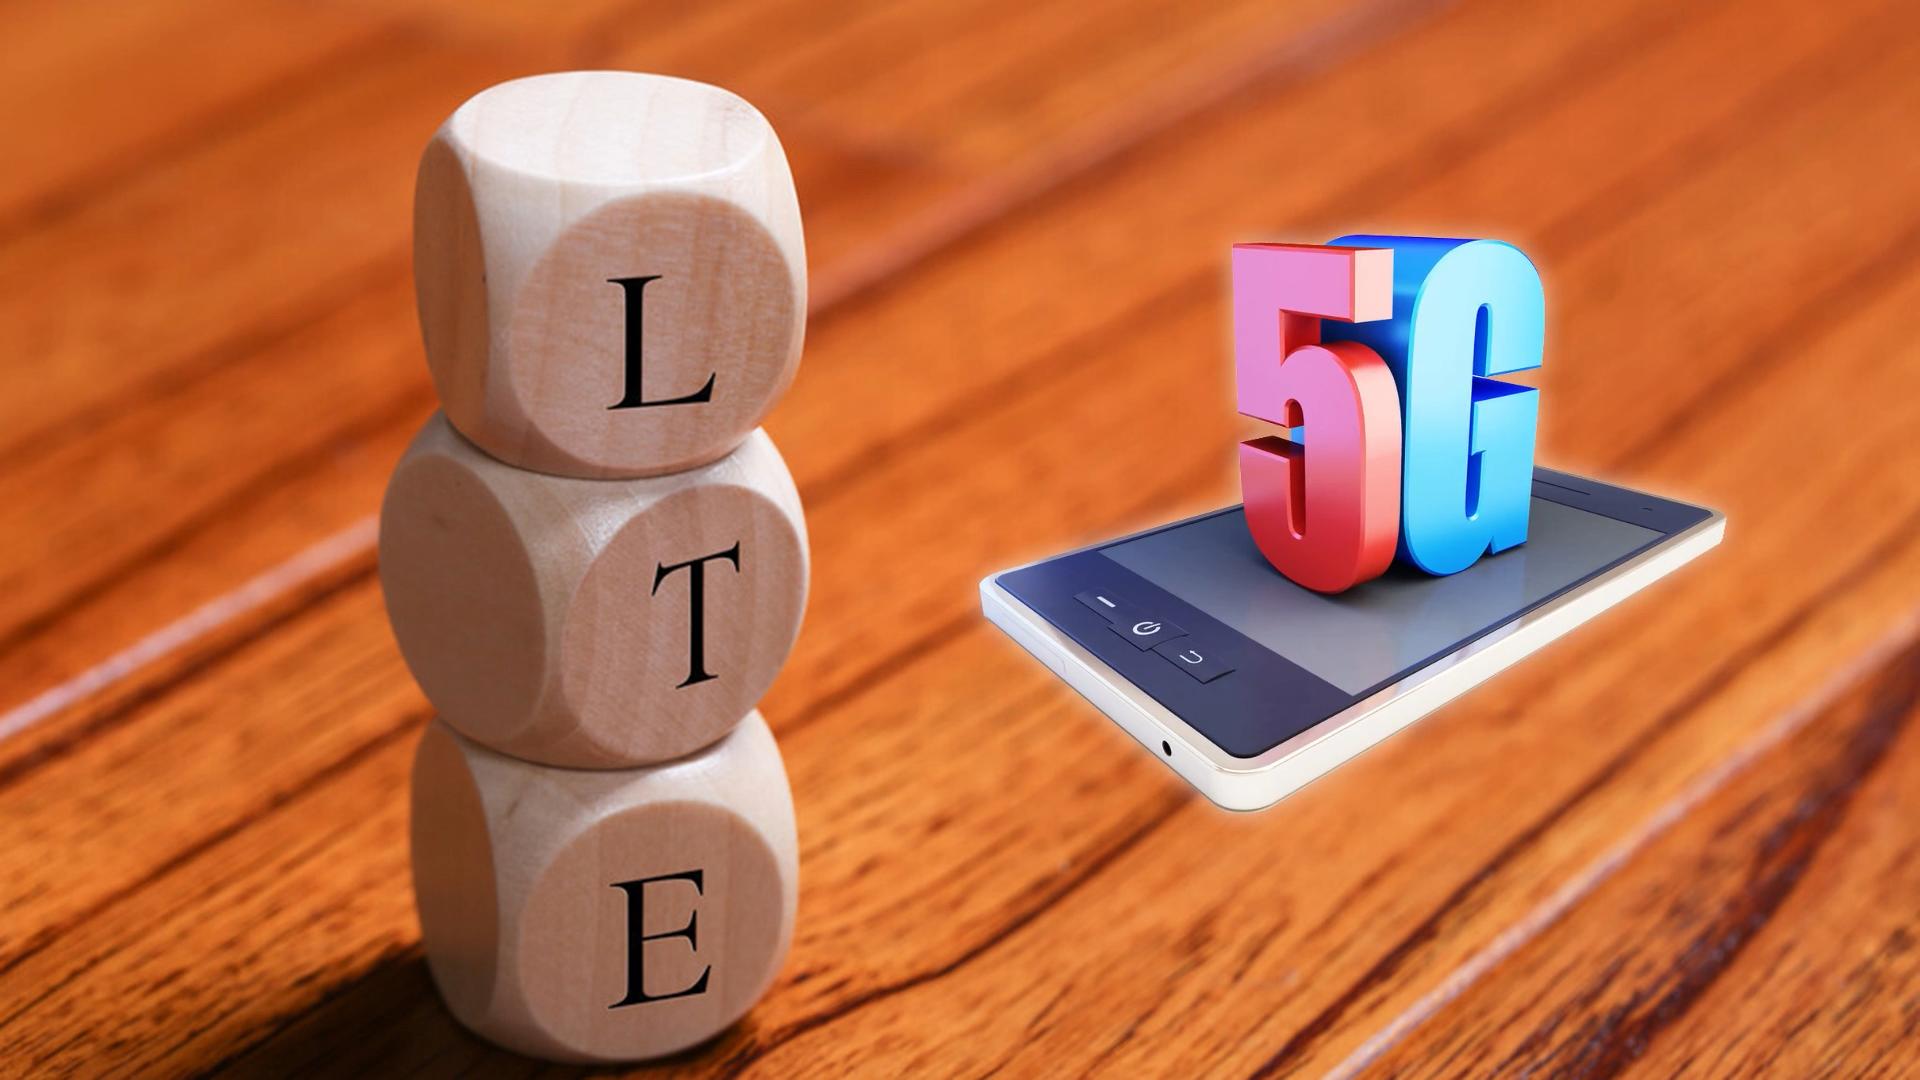 手机怎么设置4g十网络怎么设置(设置4G网络的方法)